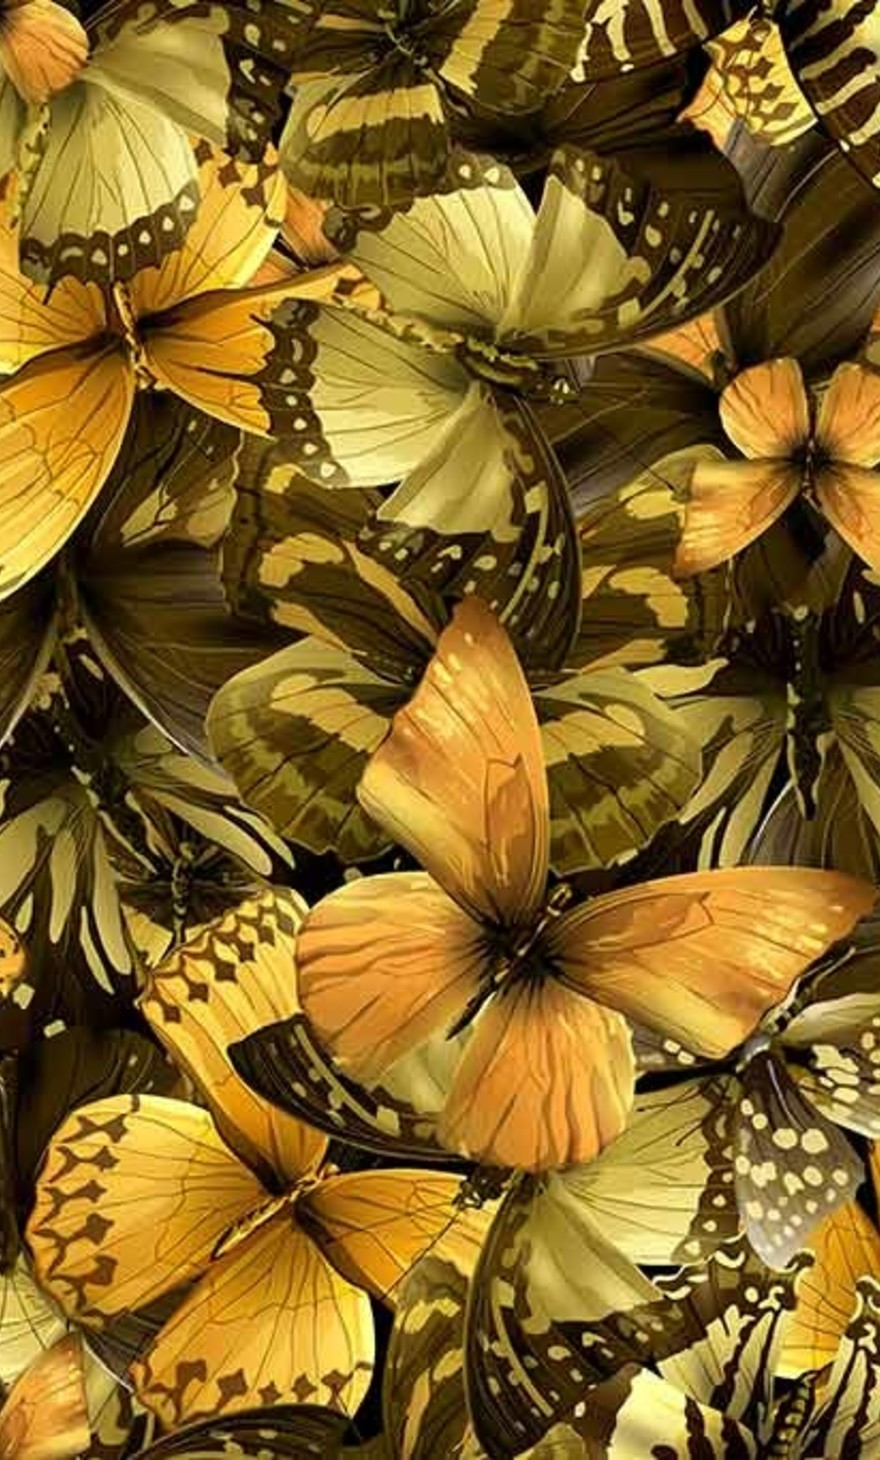 Golden yellow butterflies